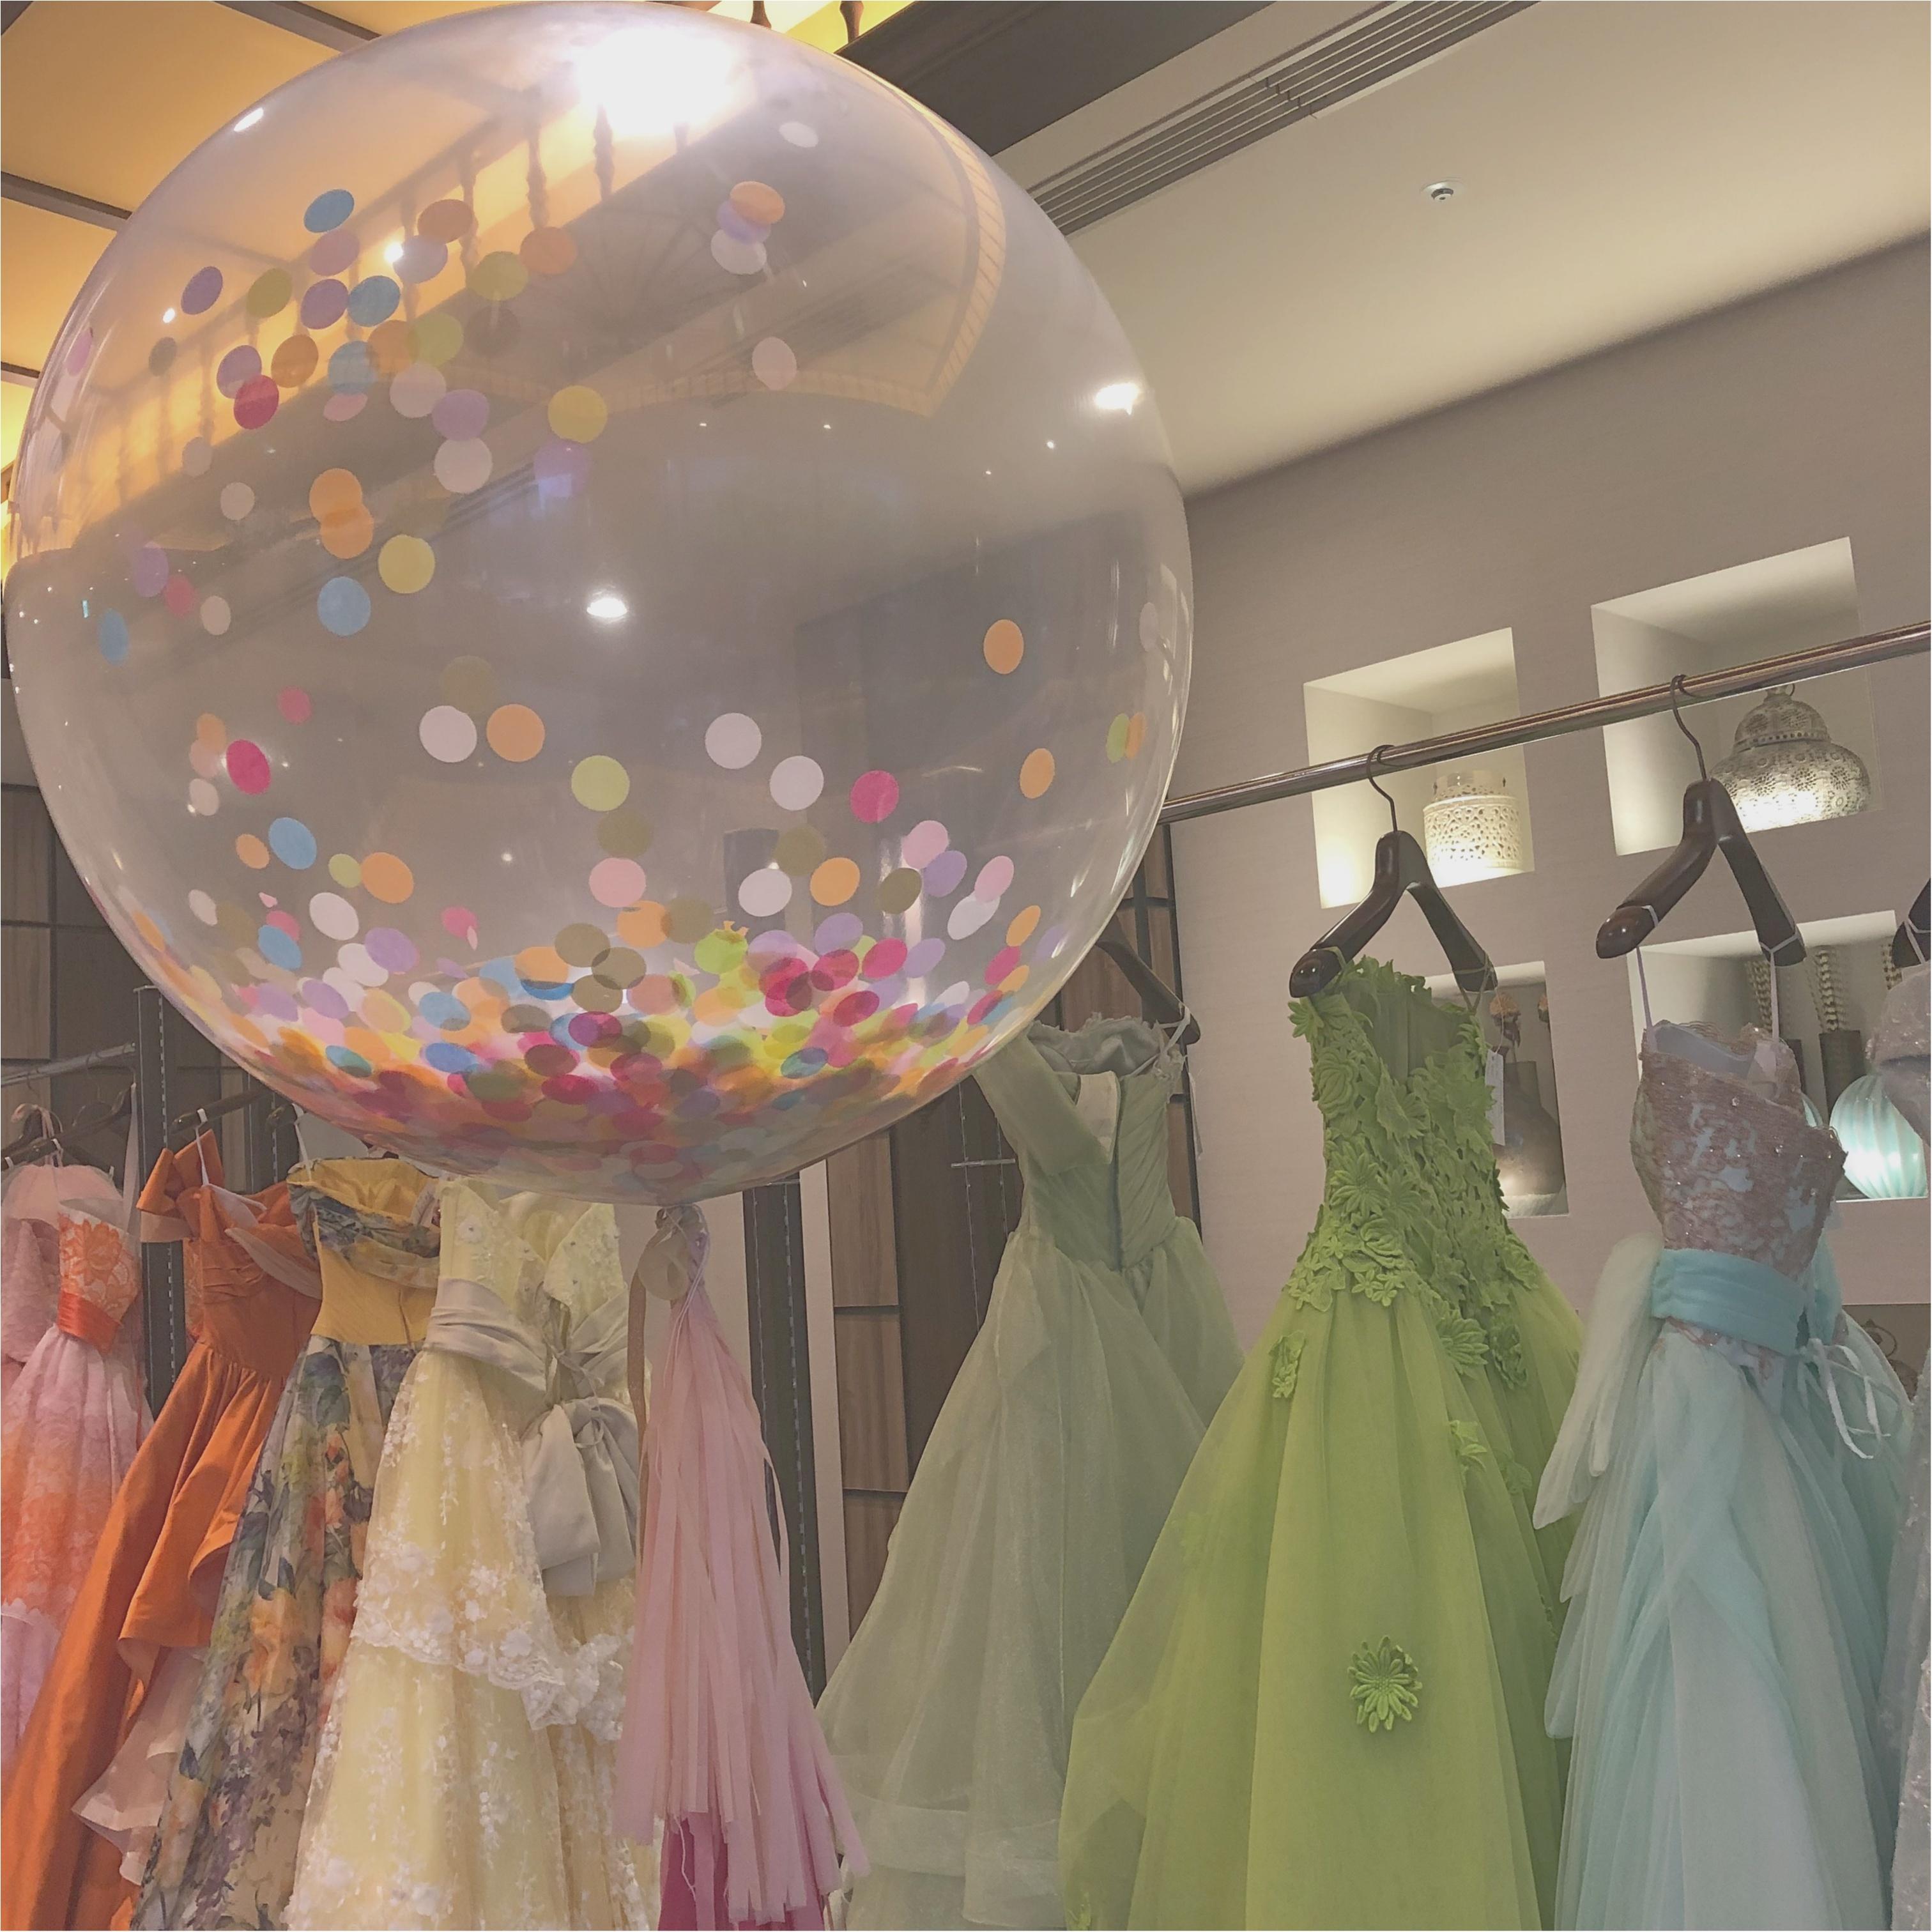 【marry × acquagrazie】プレ花嫁さんが集まるドレス試着イベントへ♡♡ドレスを着たら絶対撮りたい憧れの〇〇〇〇ショットを撮ってもらいました♥︎_1